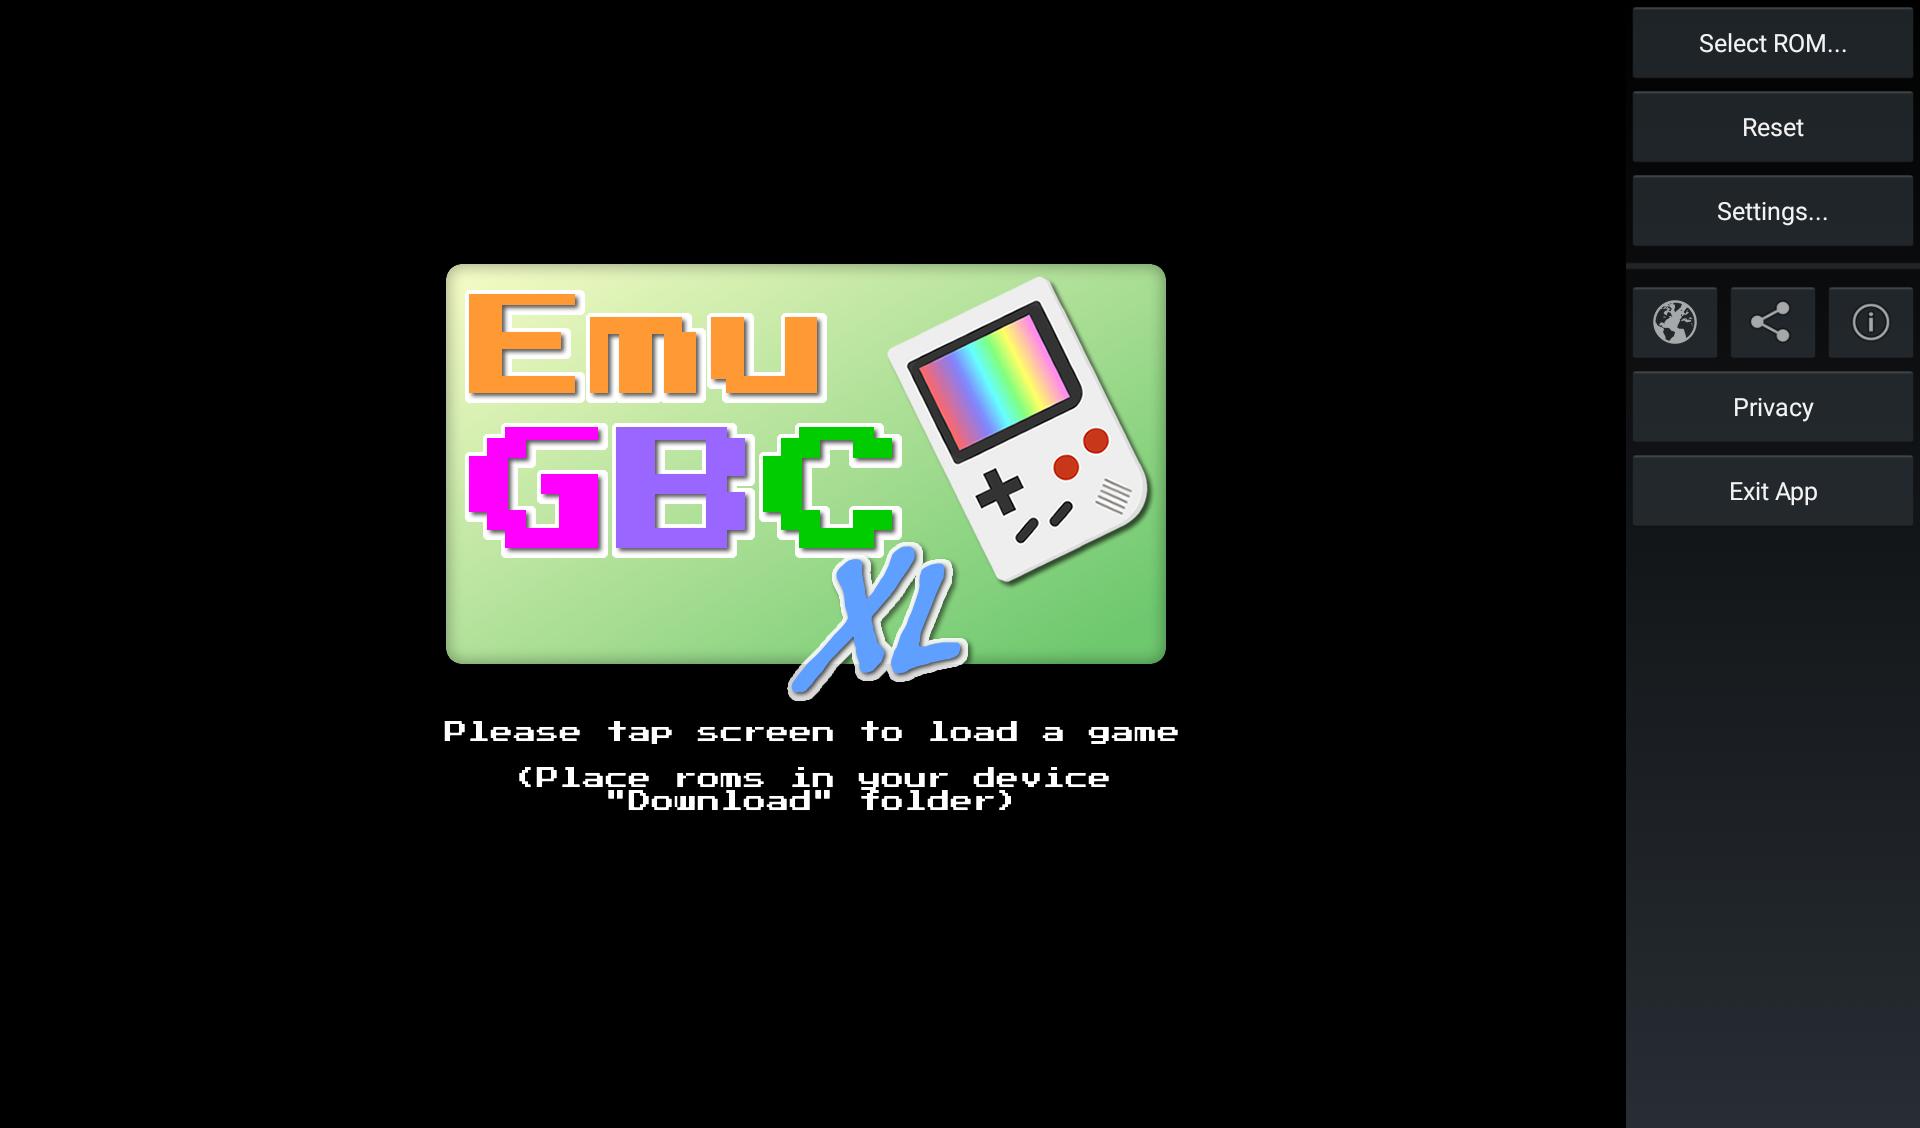 EmuGBC XL